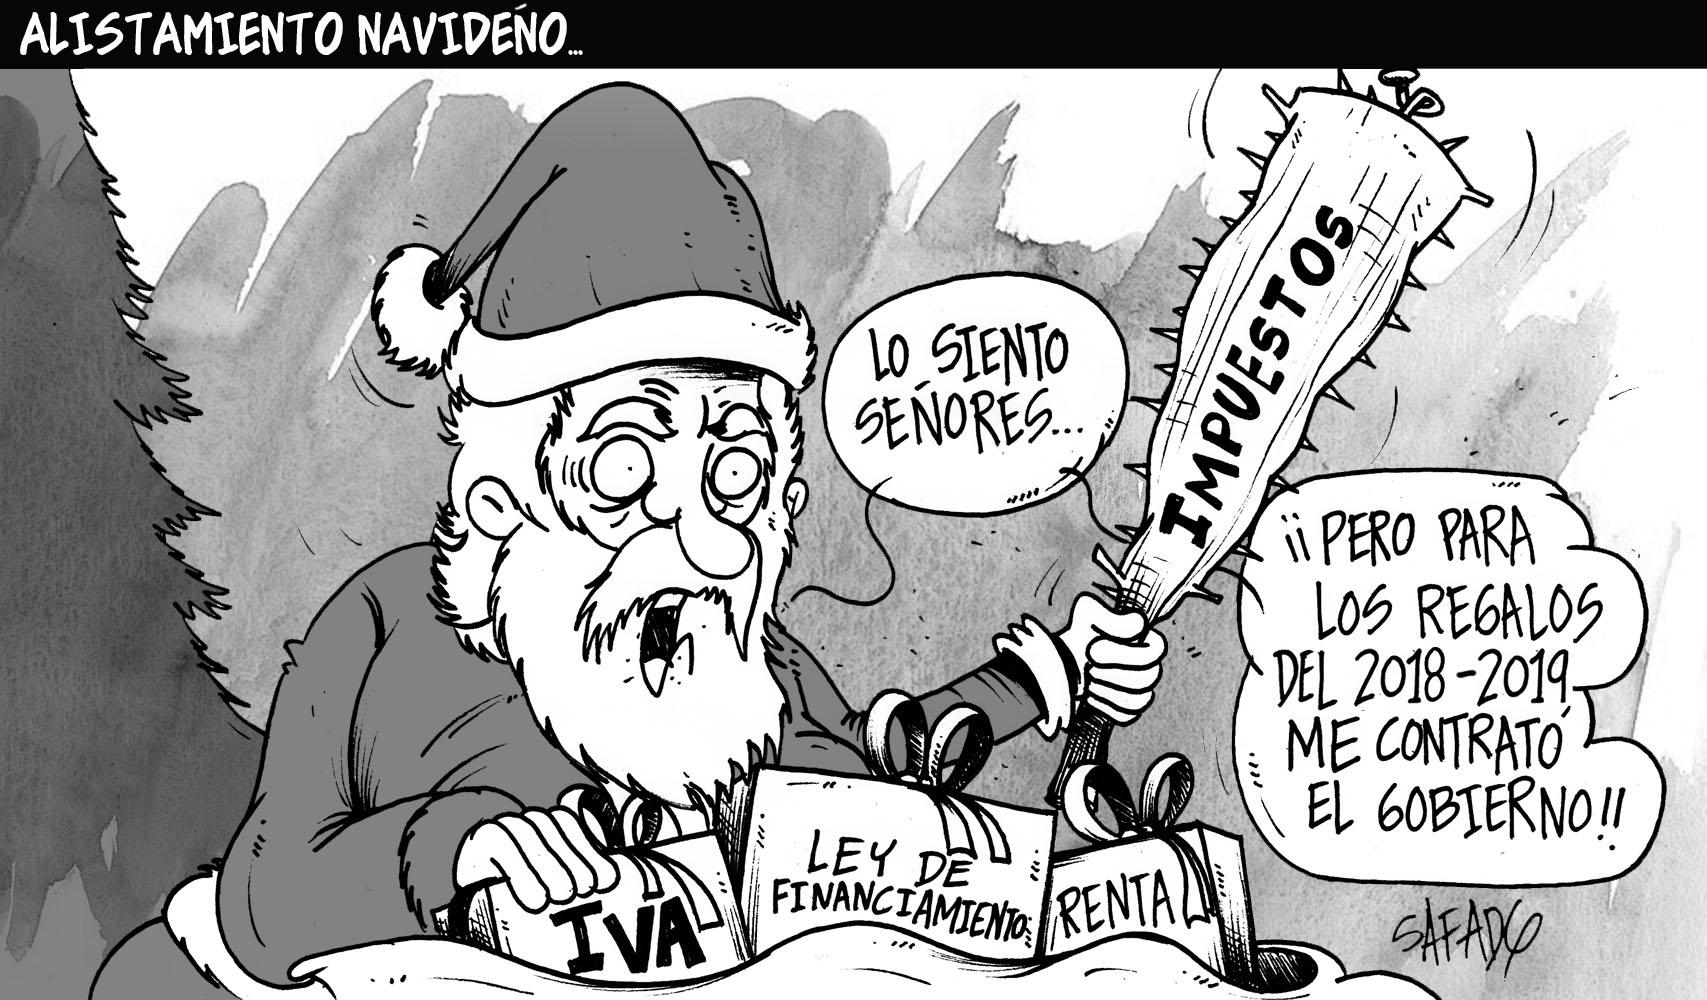 Alistamiento navideño…